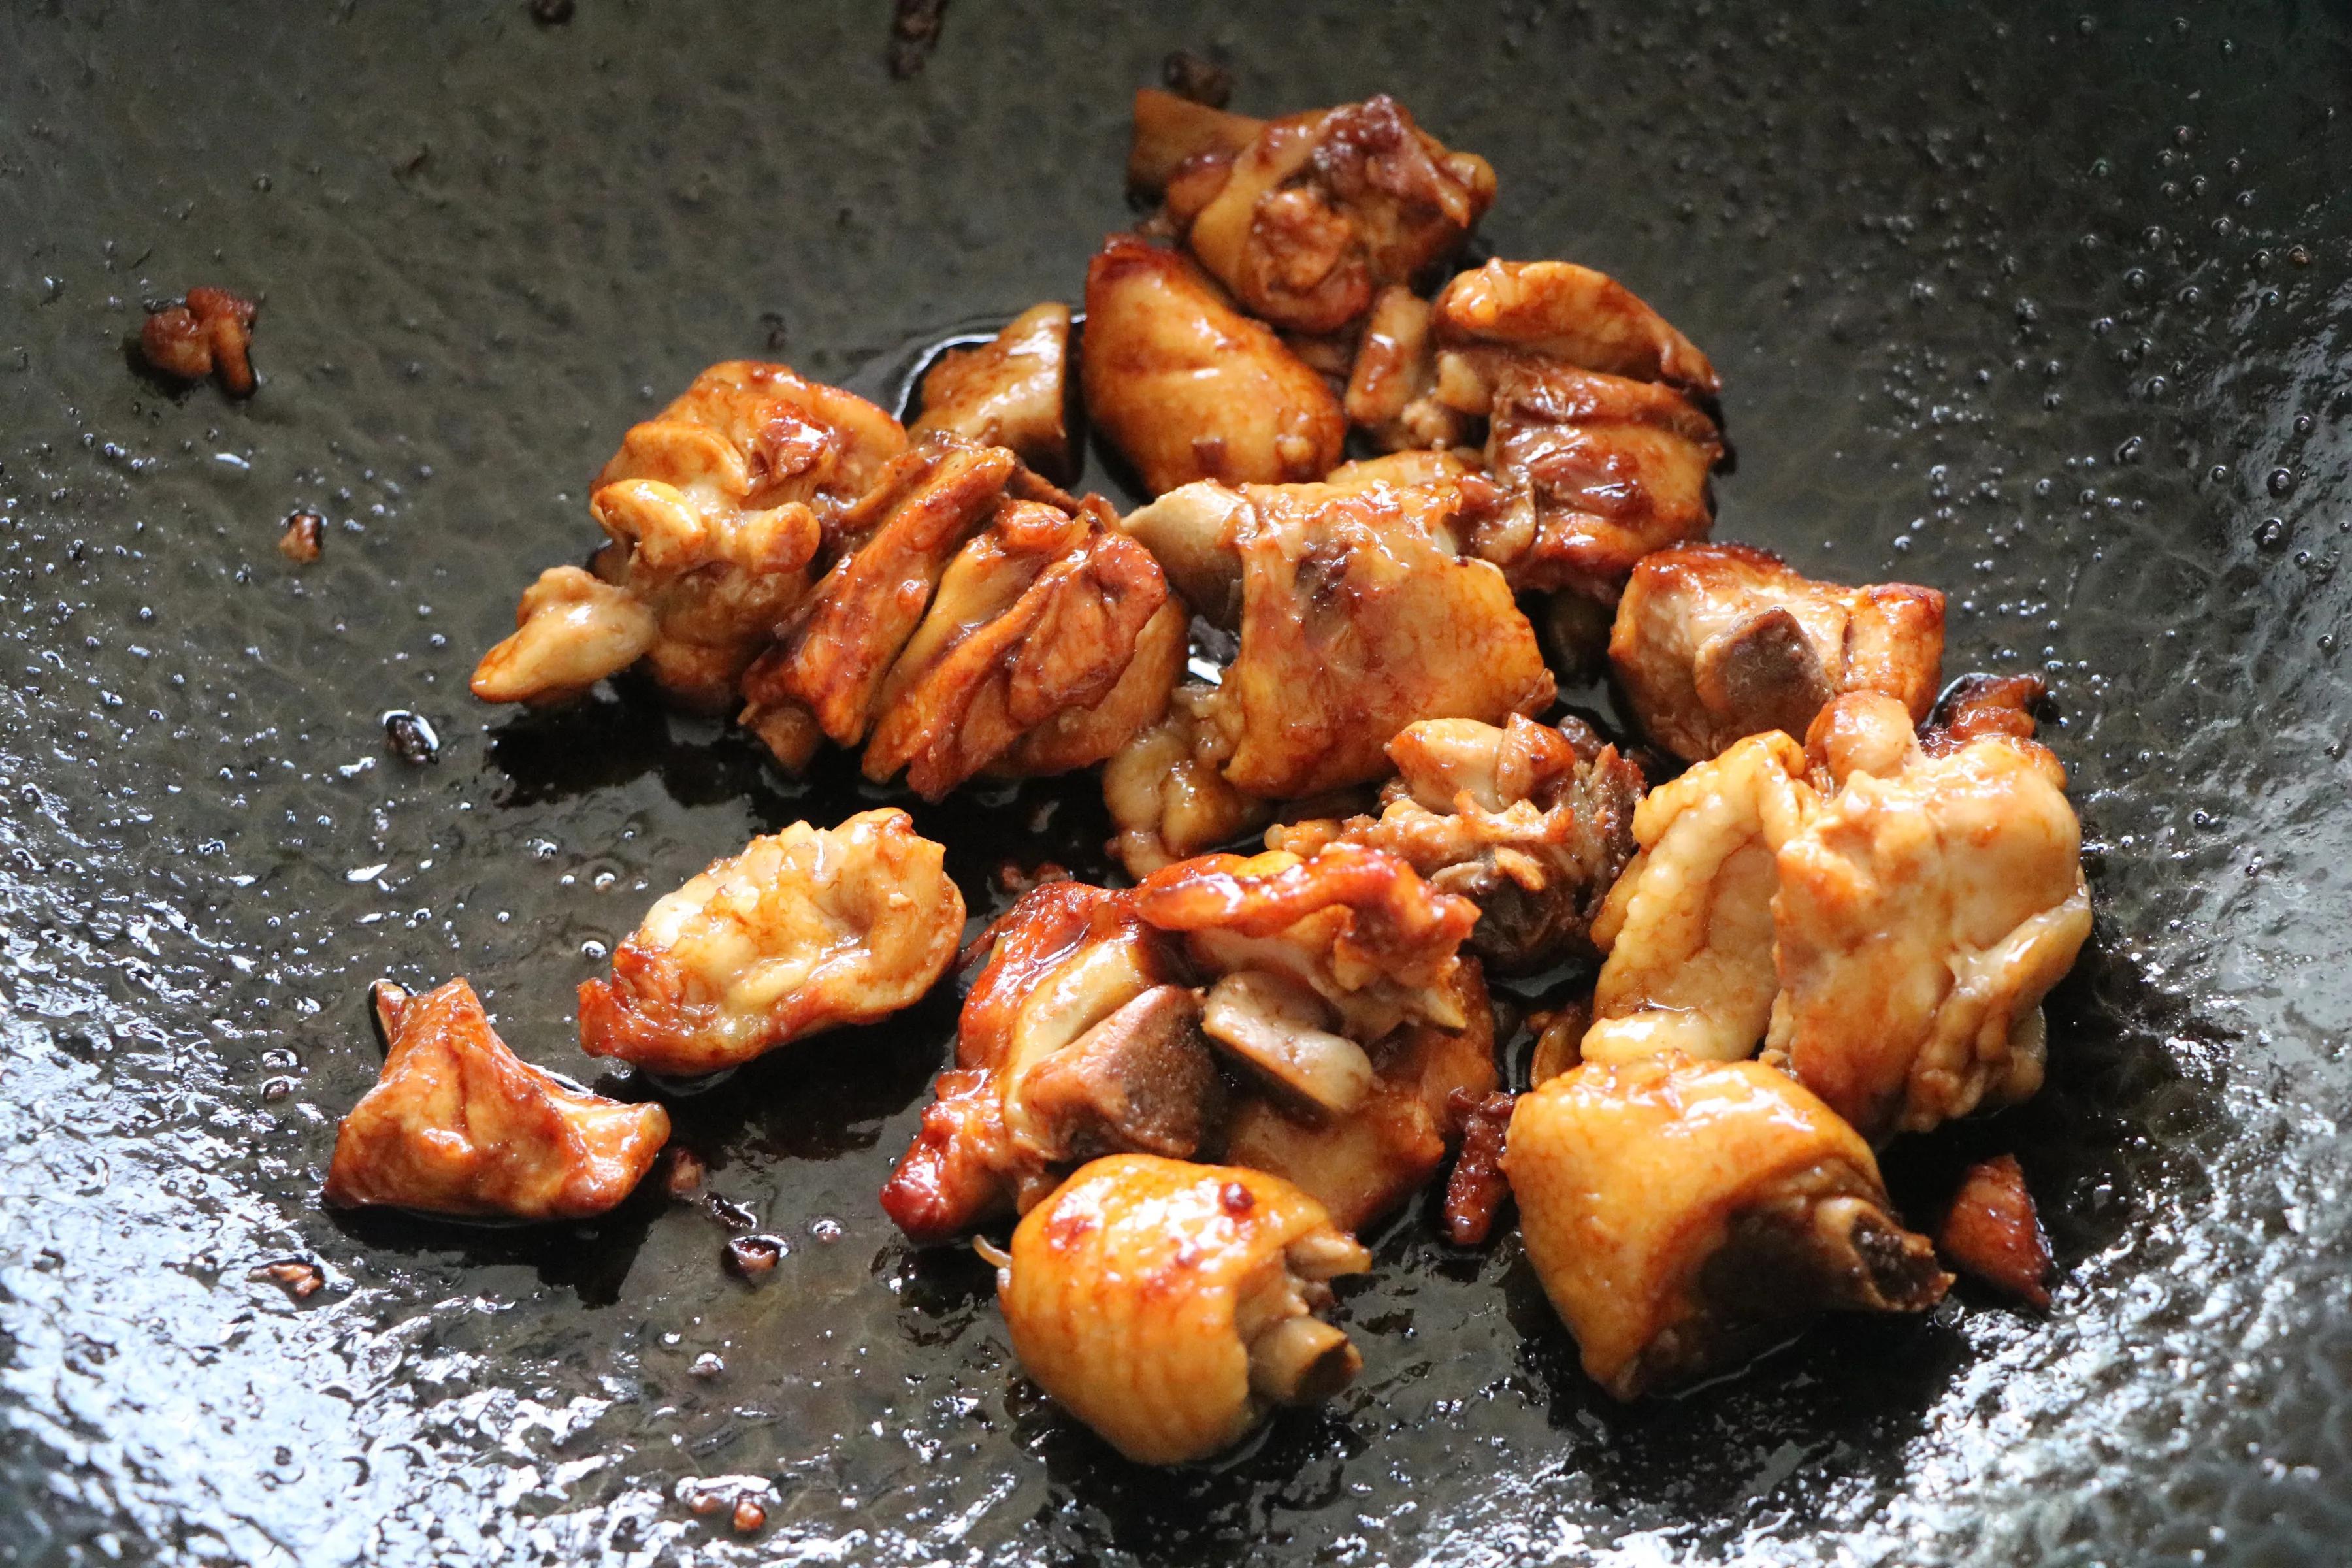 鸡腿肉炖胡萝卜蘑菇,秋季可以常吃的家常菜,营养丰富,食材简单